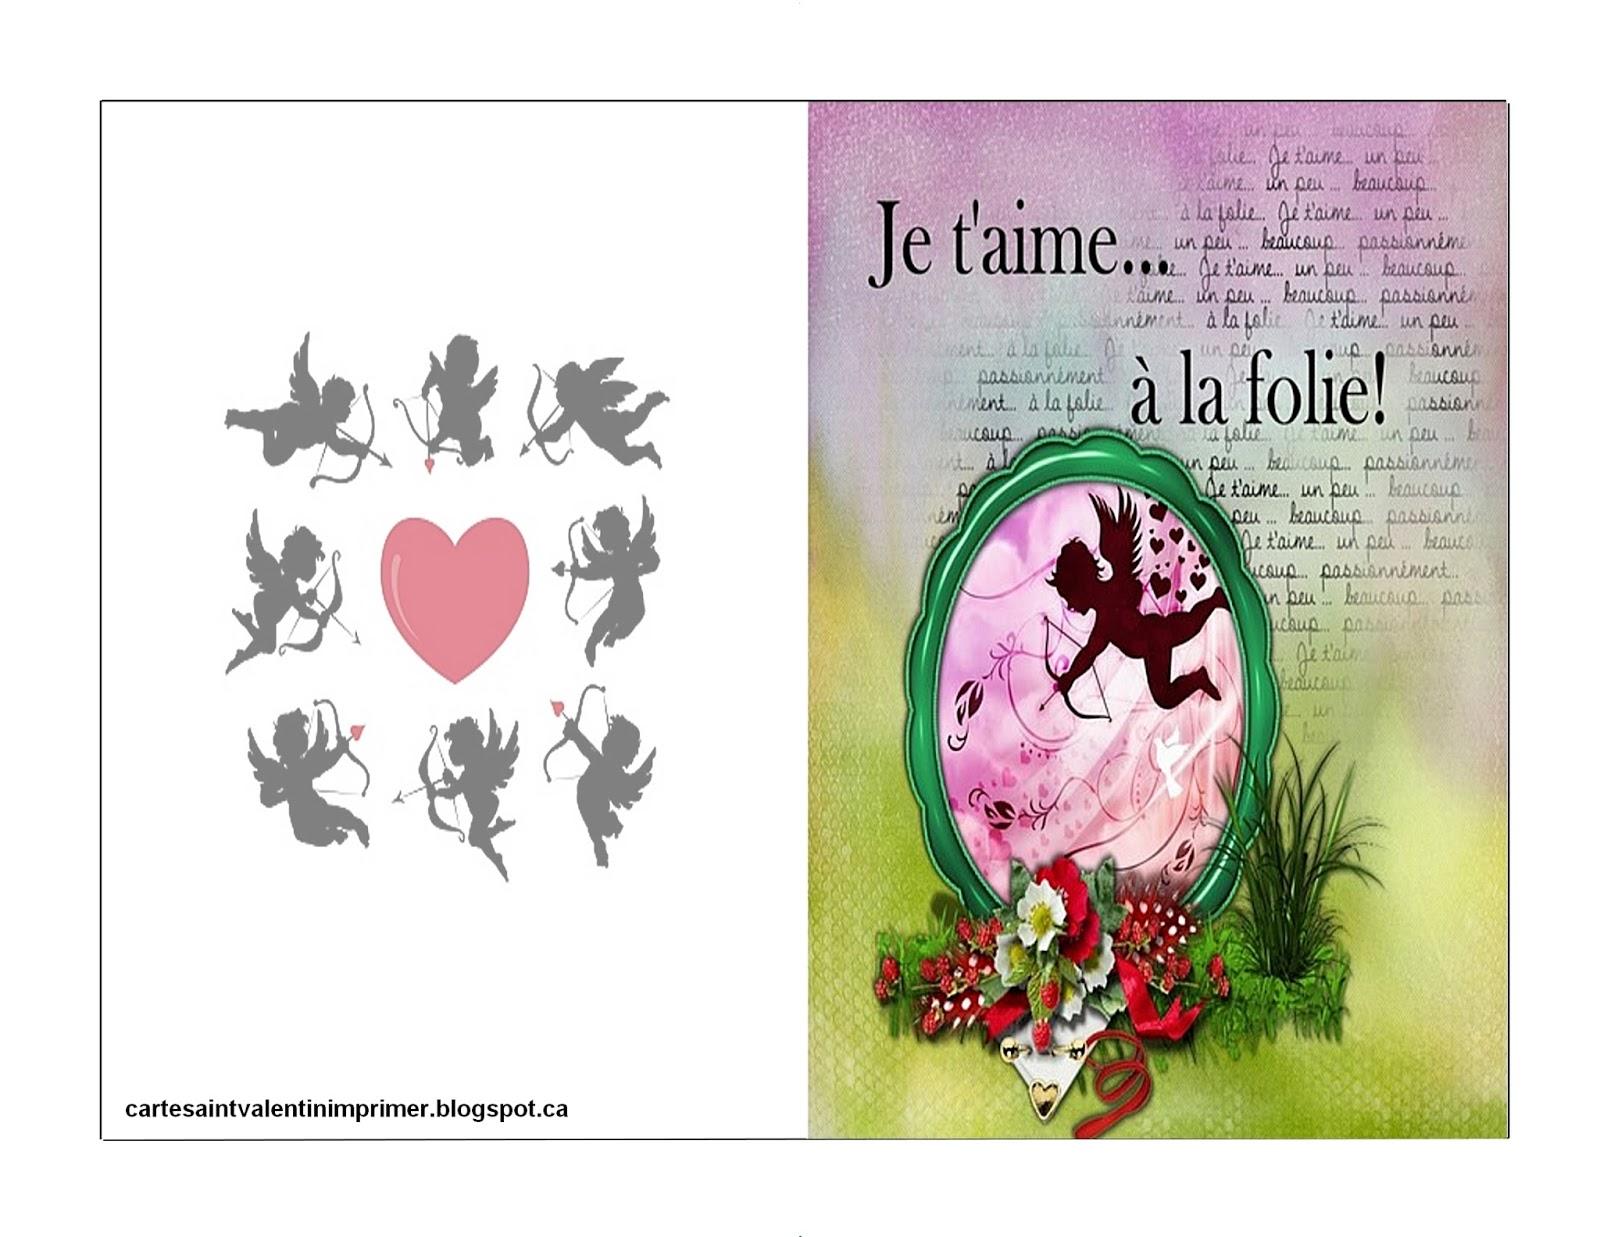 Carte saint valentin imprimer gratuite - Image st valentin gratuite ...